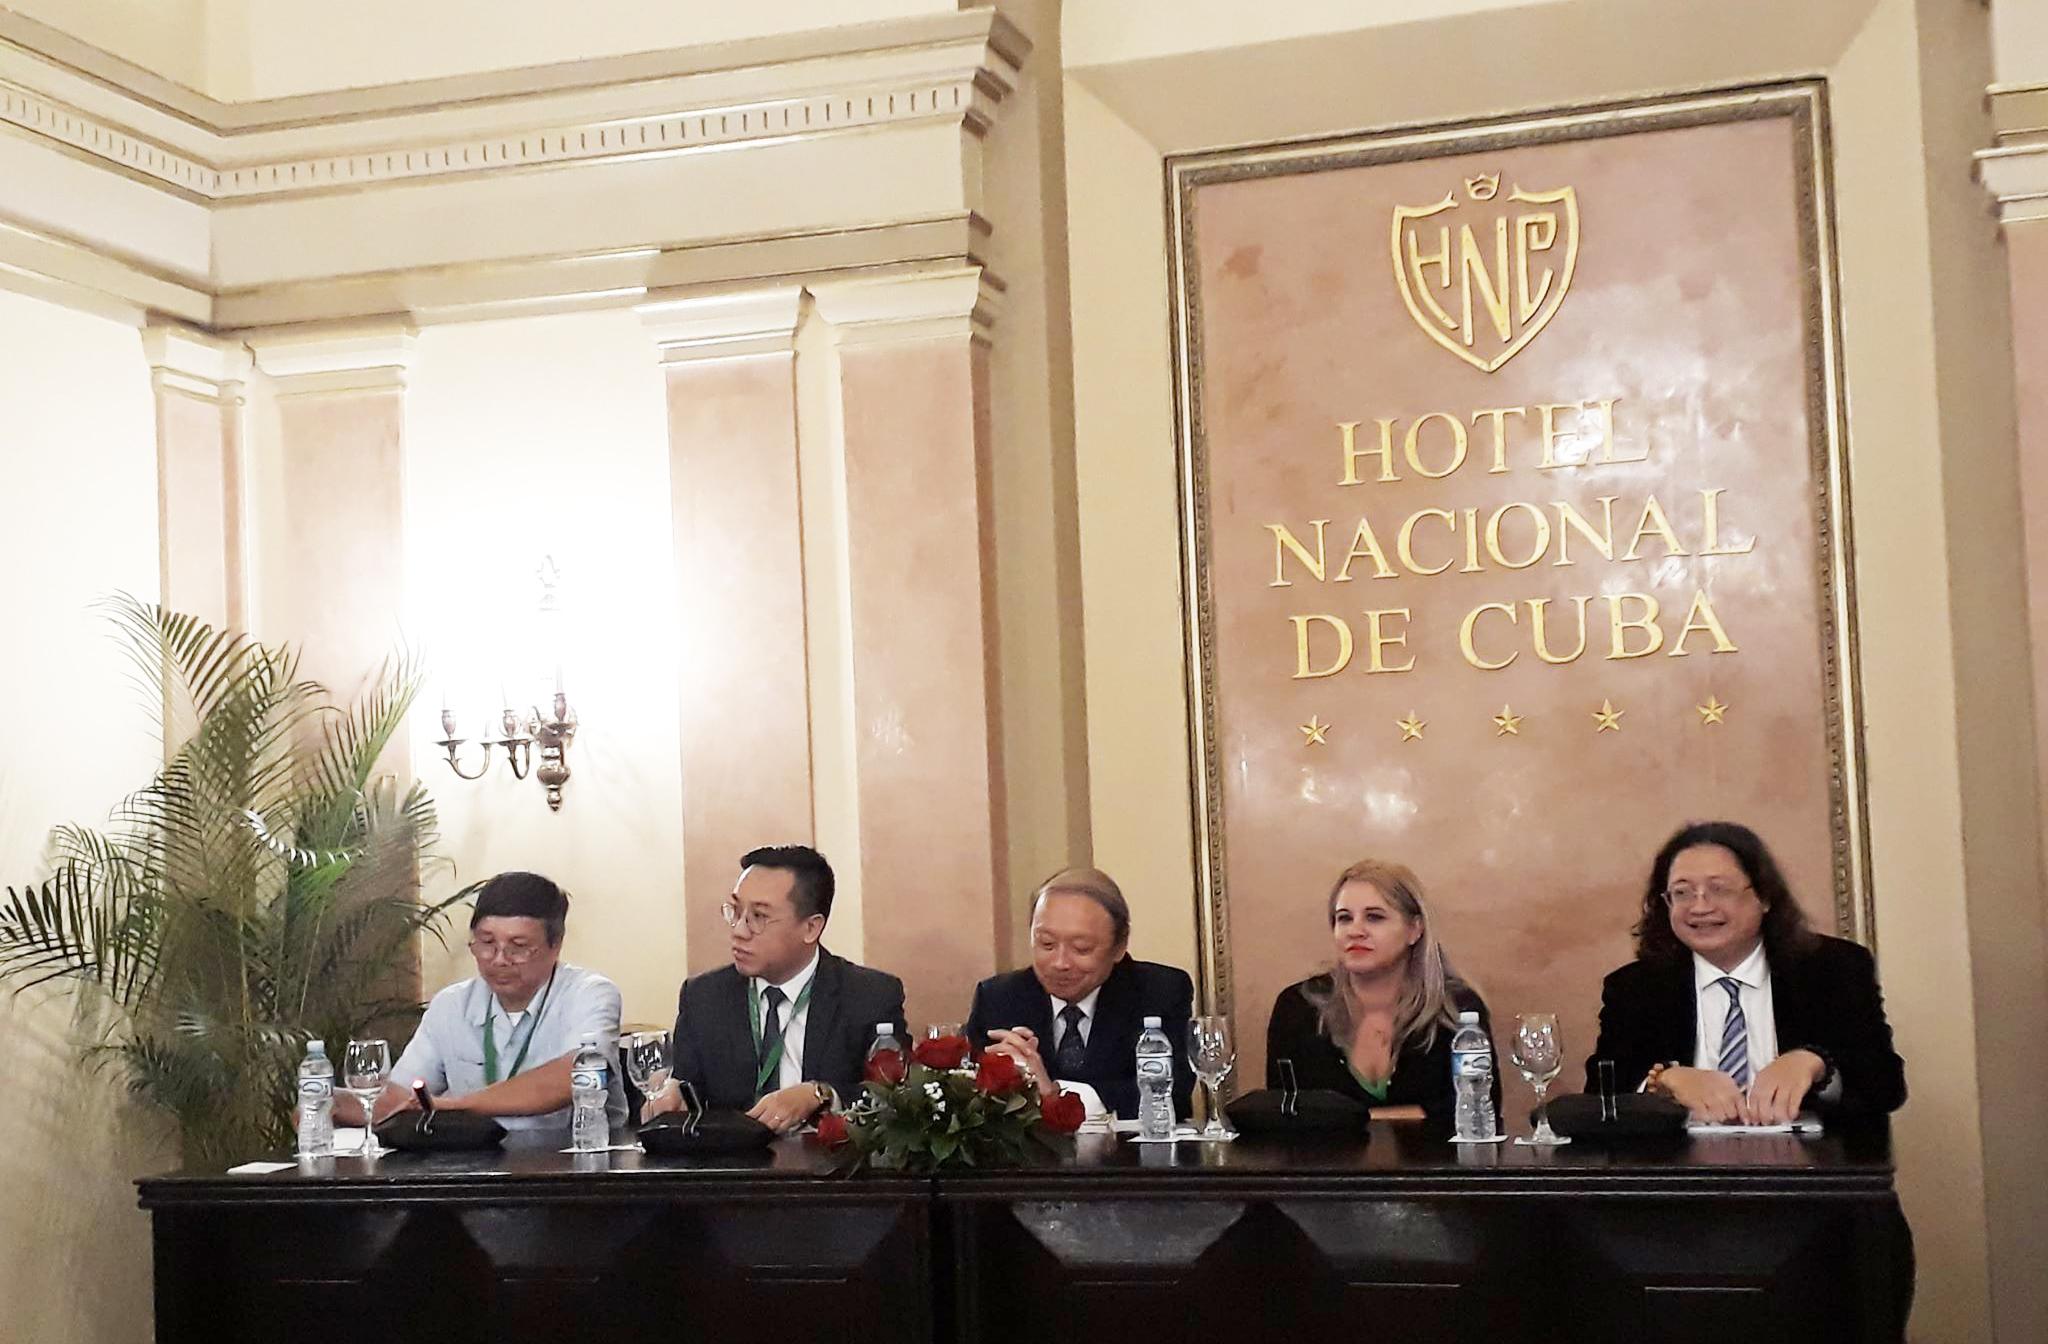 Việt Nam họp báo về việc là Khách mời Danh dự Hội sách Quốc tế La Habana lần thứ 29